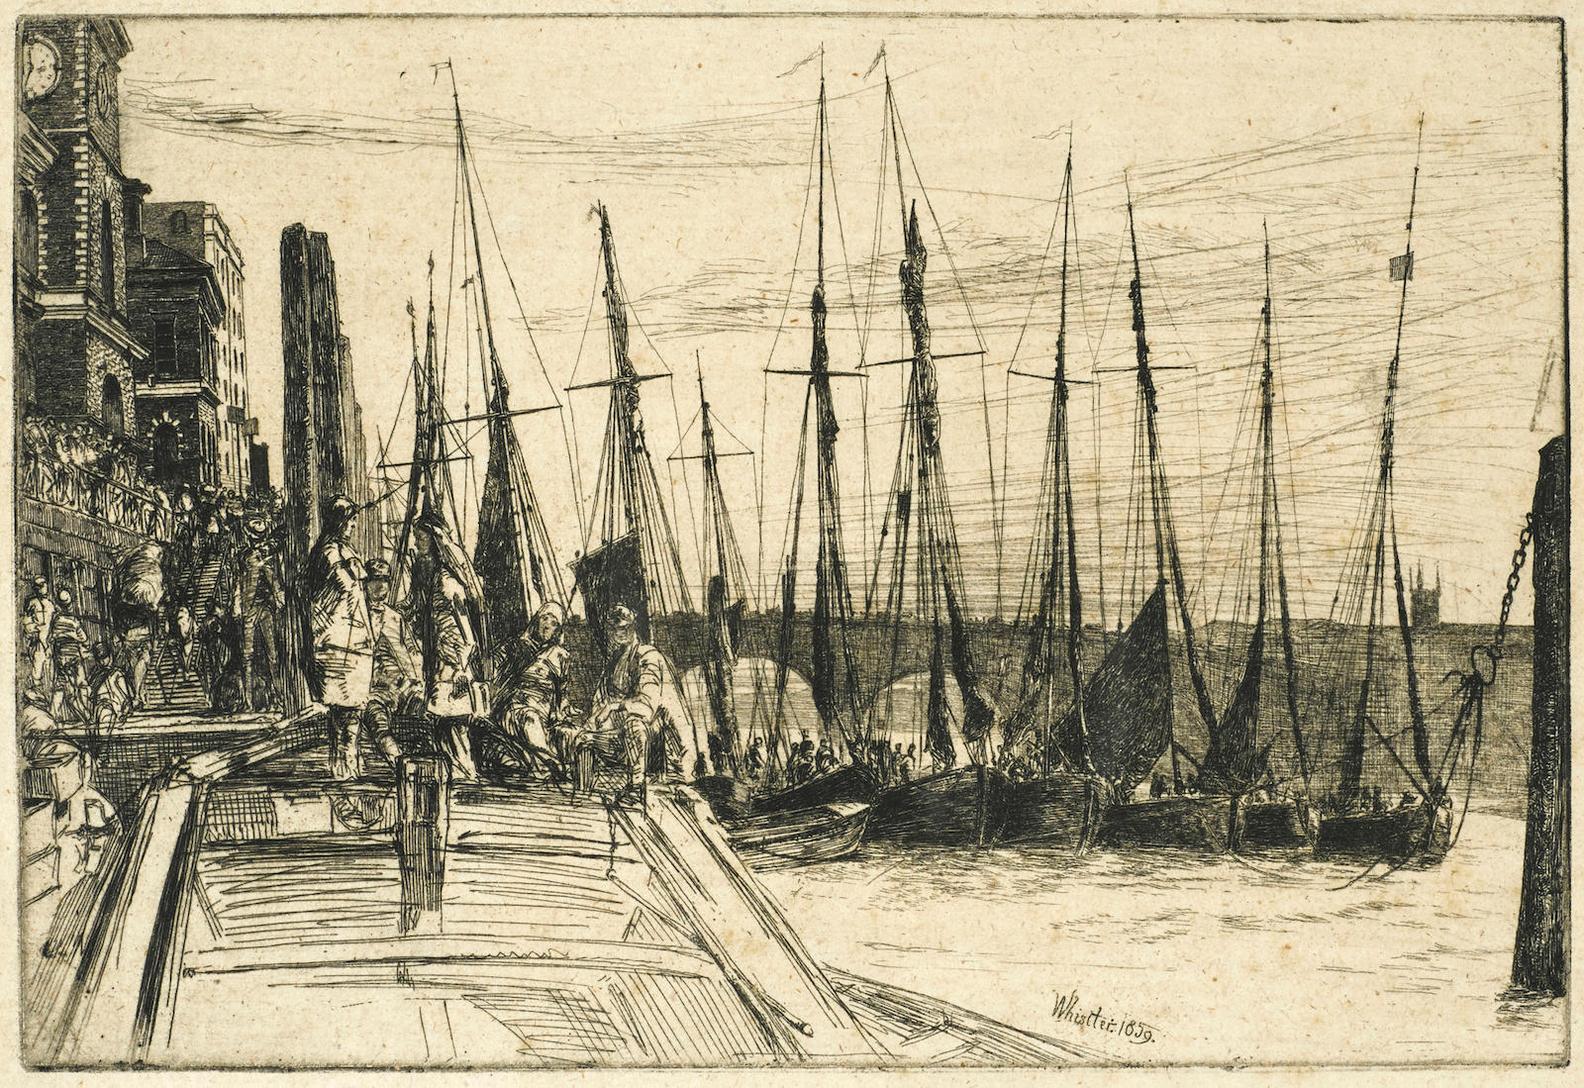 James Abbott McNeill Whistler-Billingsgate-1859